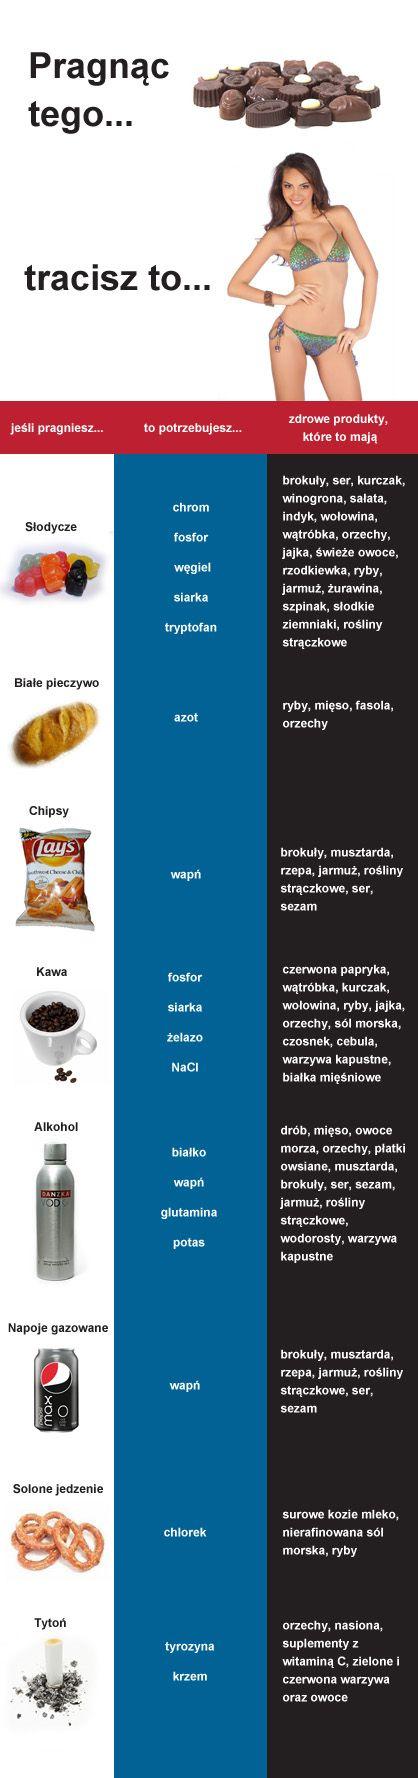 Czym zastąpić niezdrową żywność? Sprawdź infografikę na http://www.cwiczenia.org/odchudzanie/infografika-czym-zastapic-niezdrowa-zywnosc/